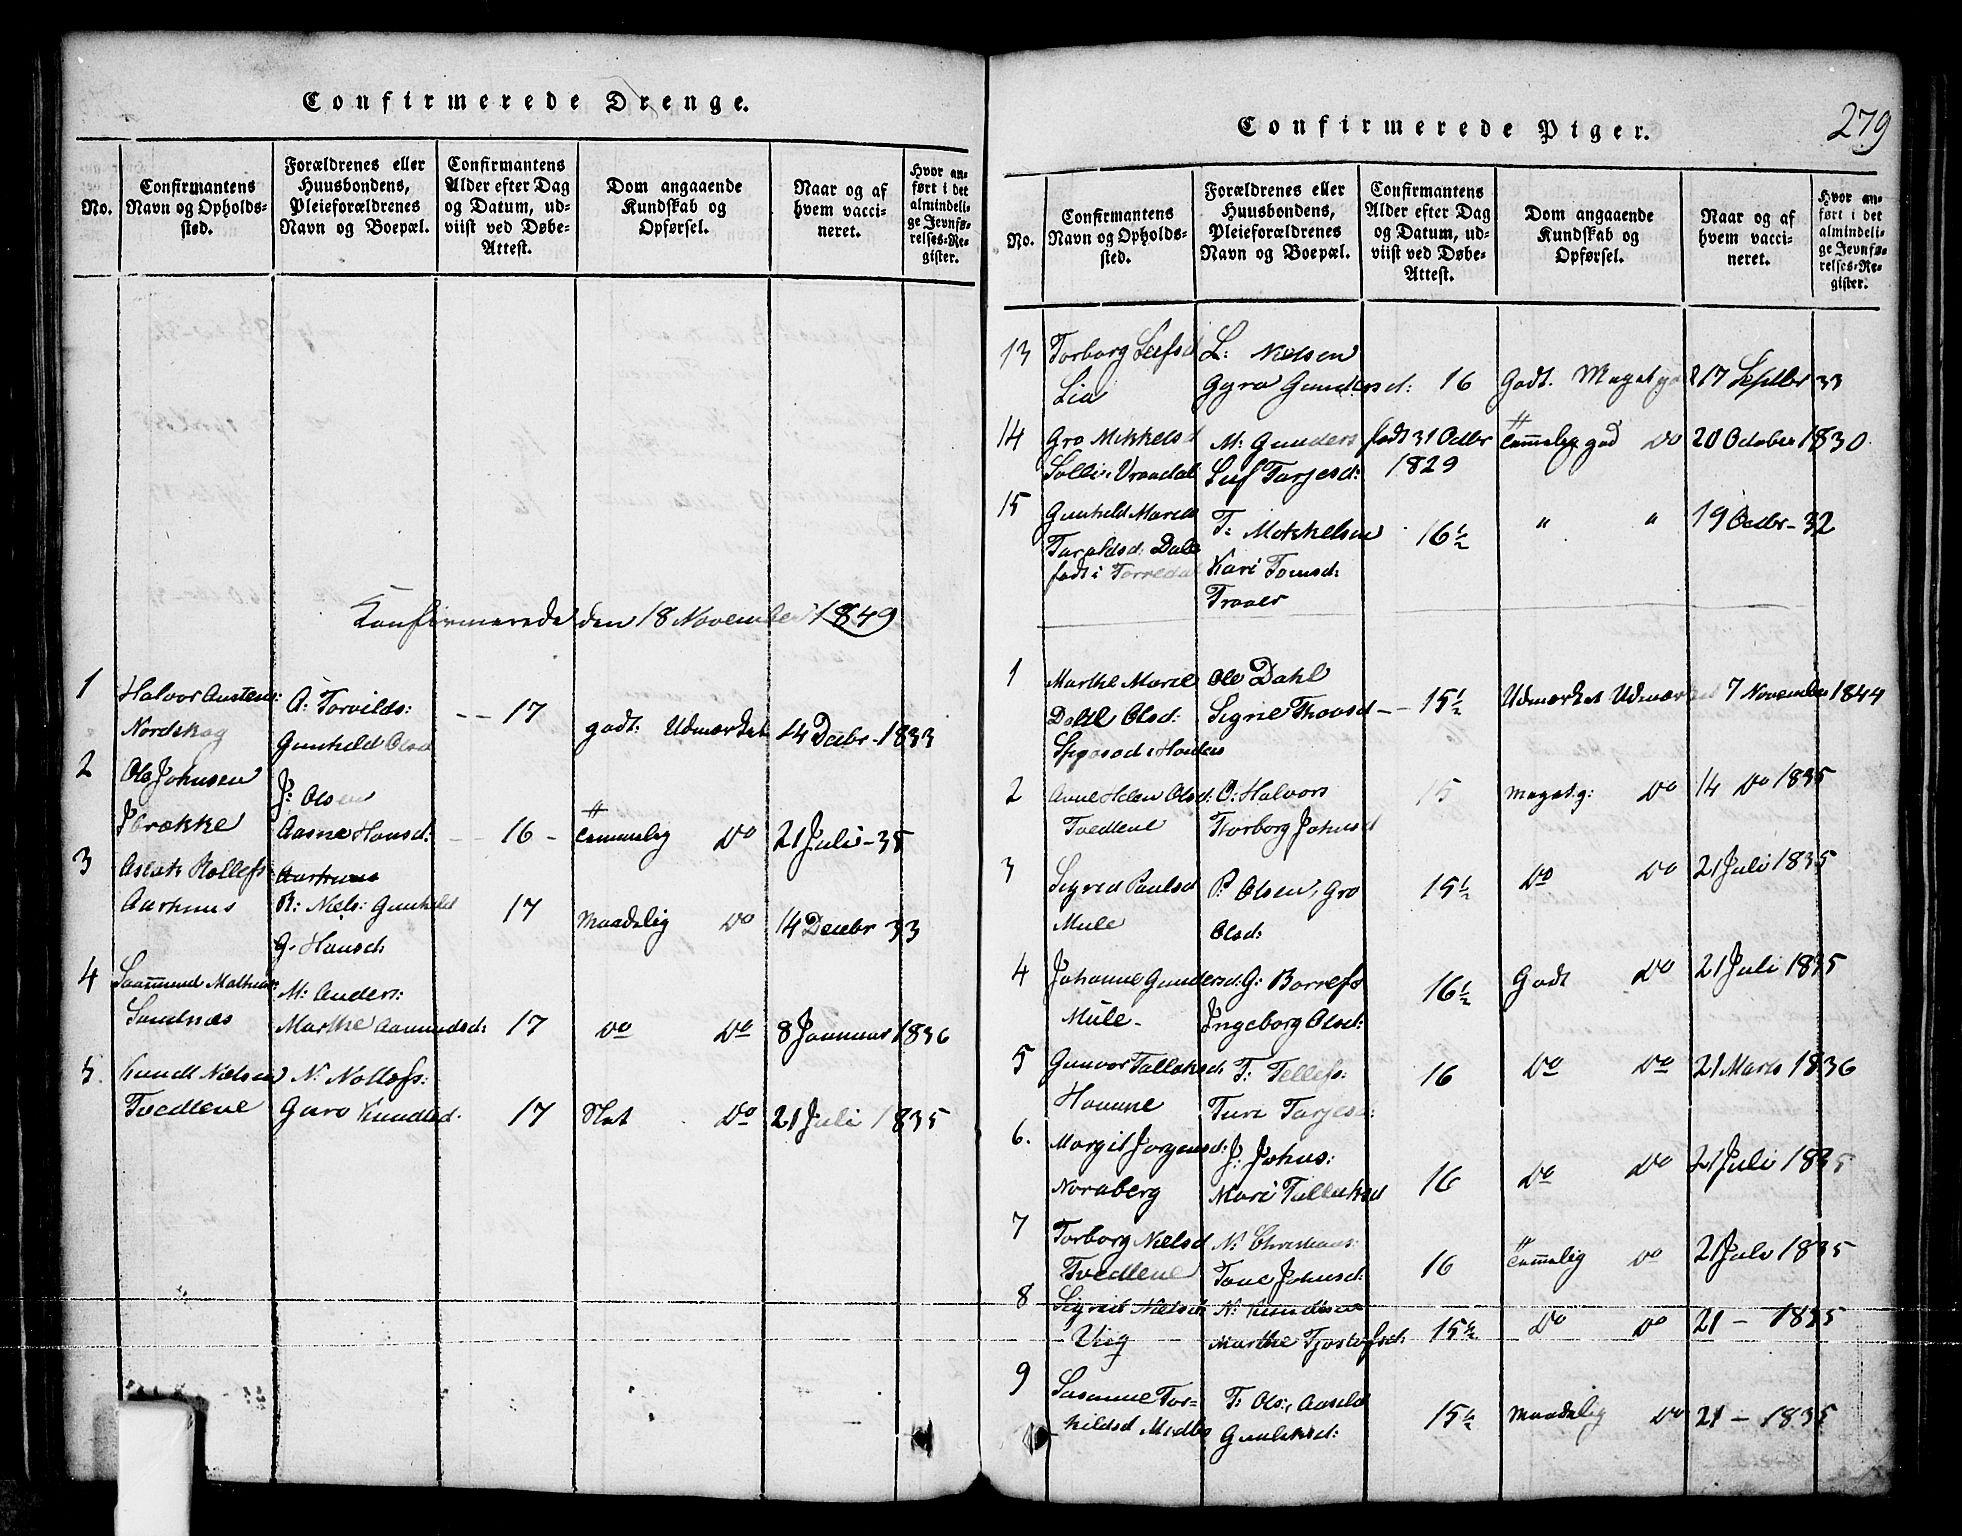 SAKO, Nissedal kirkebøker, G/Ga/L0001: Klokkerbok nr. I 1, 1814-1860, s. 279